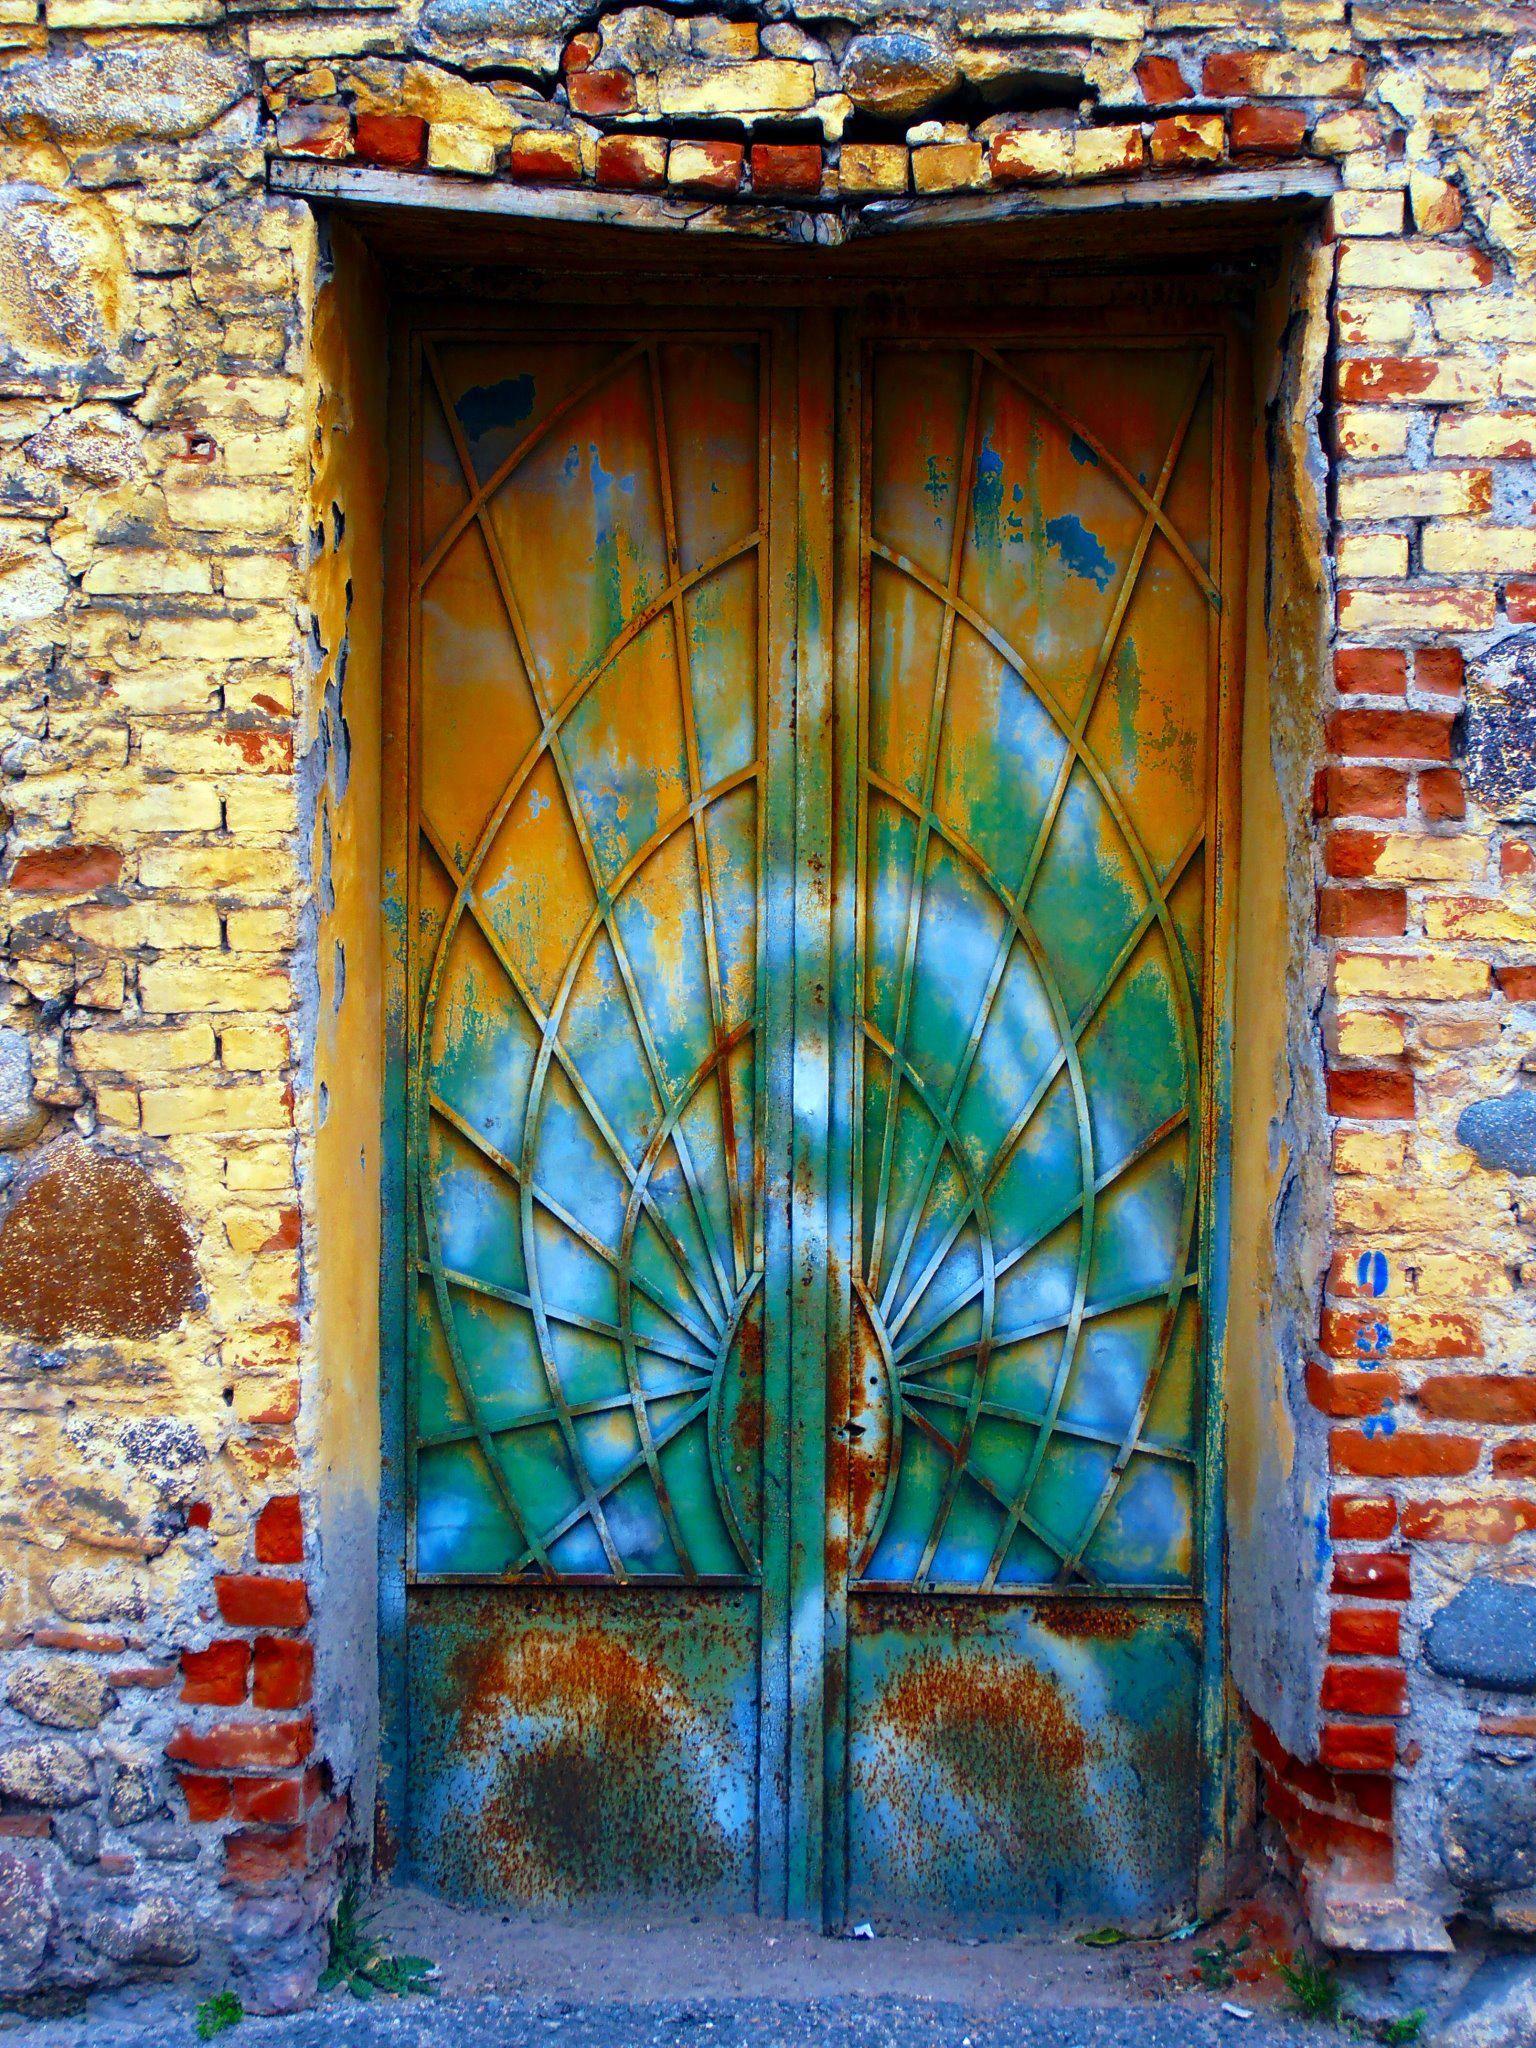 Newer art photo by faik metin a doorway to pinterest